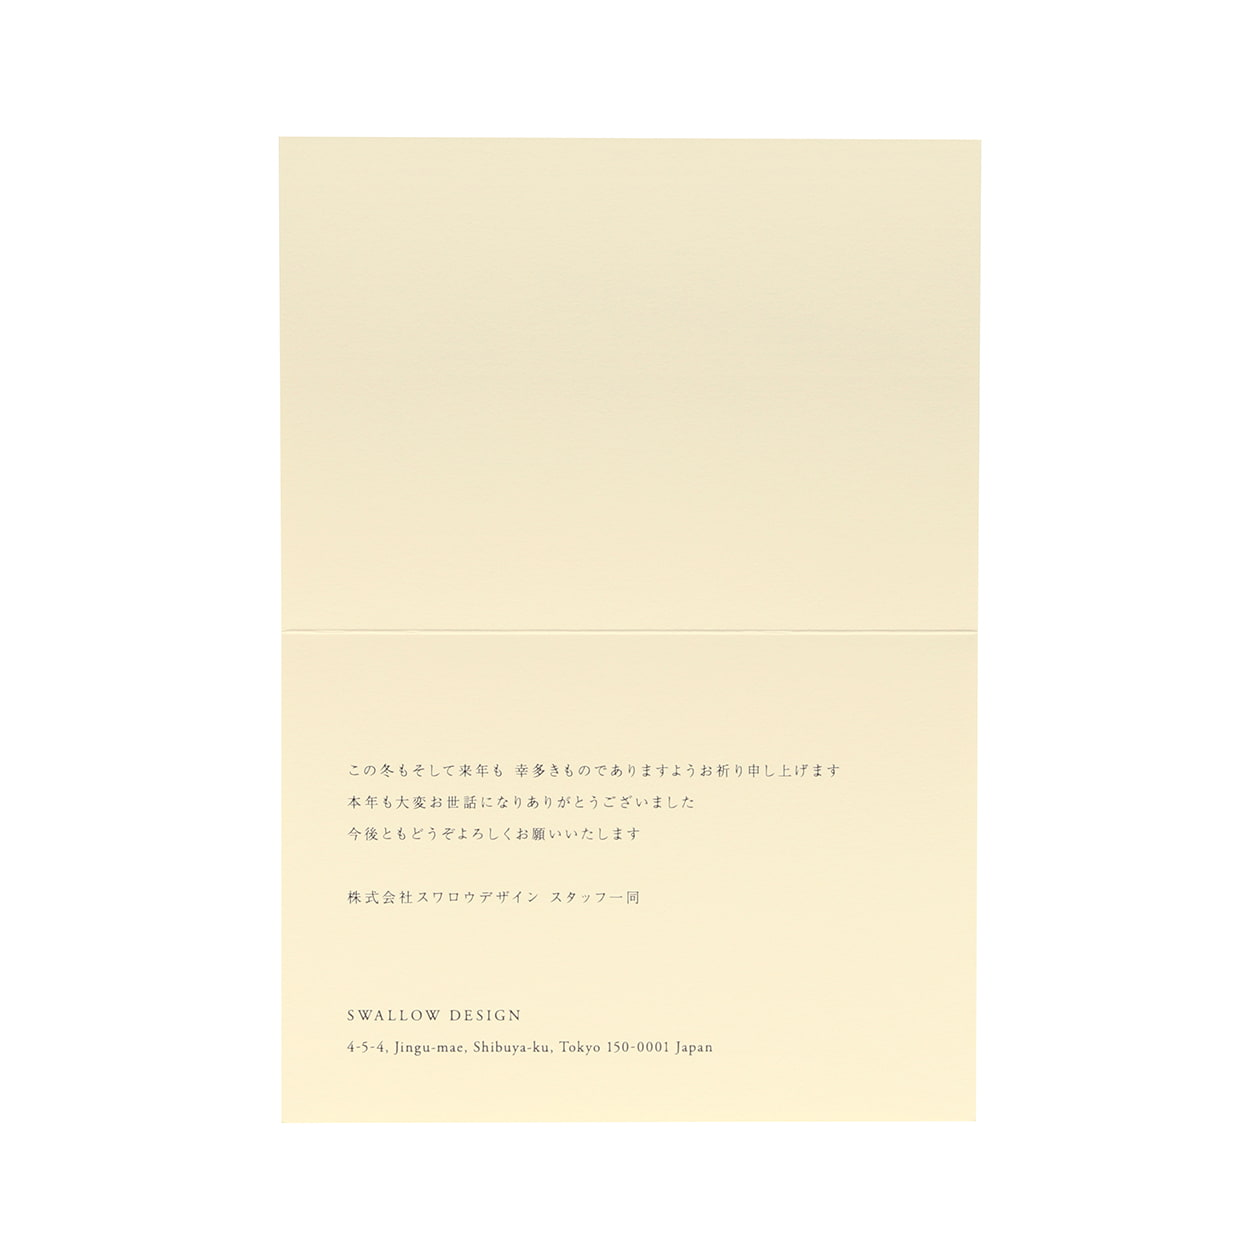 サンプル カード・シート 00302